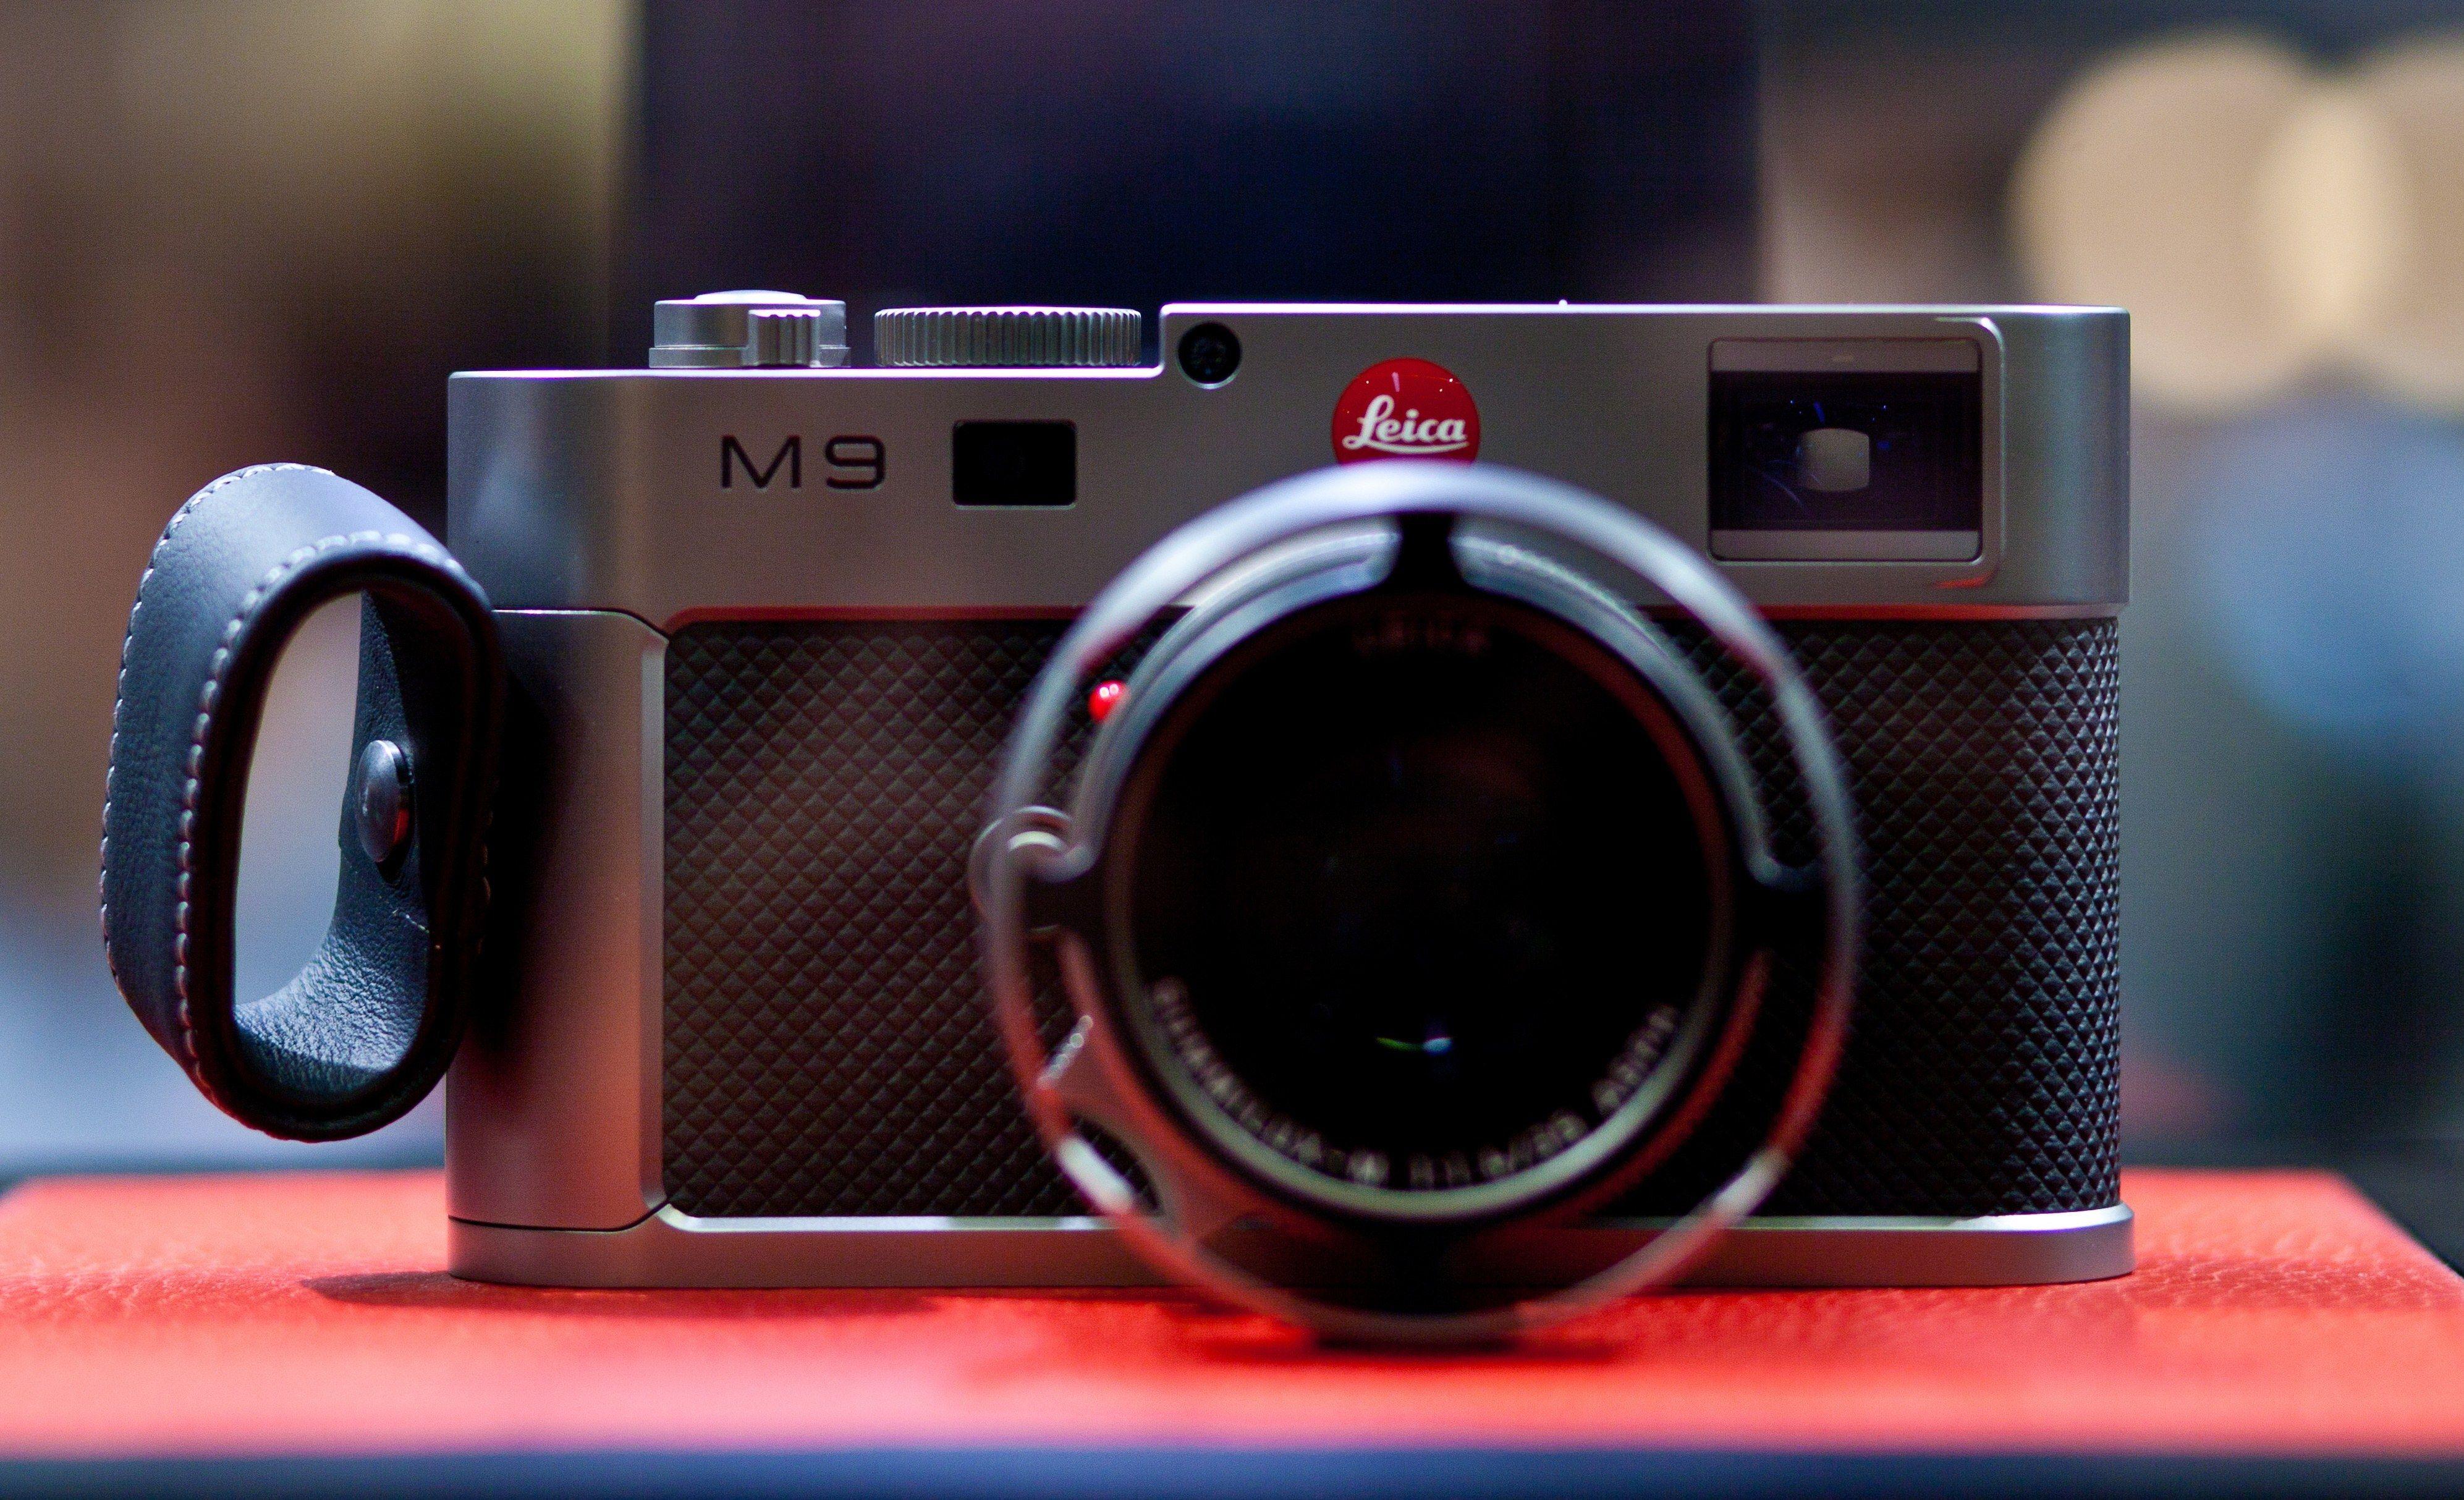 Leica_M9_Titanium_at_Photokina.jpg 3,987×2,427 pixels